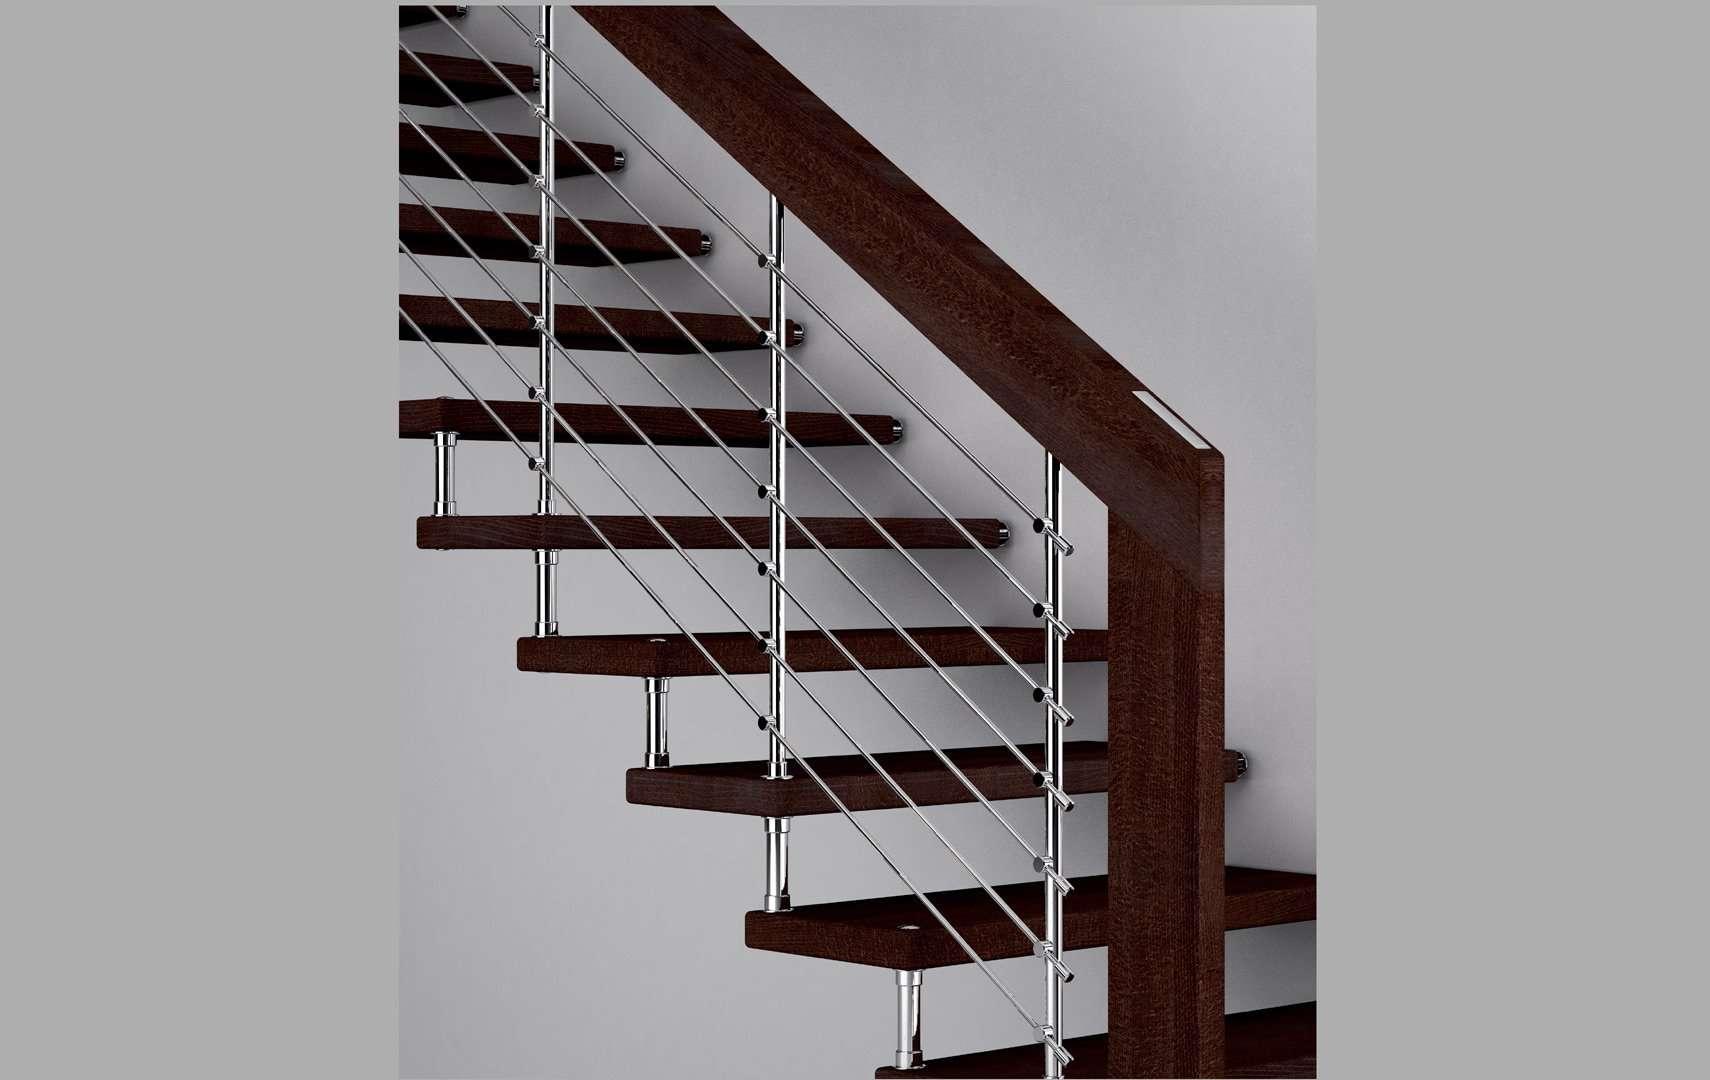 Akura escaleras italianas escaleras de madera maciza for Pasamanos para escaleras interiores